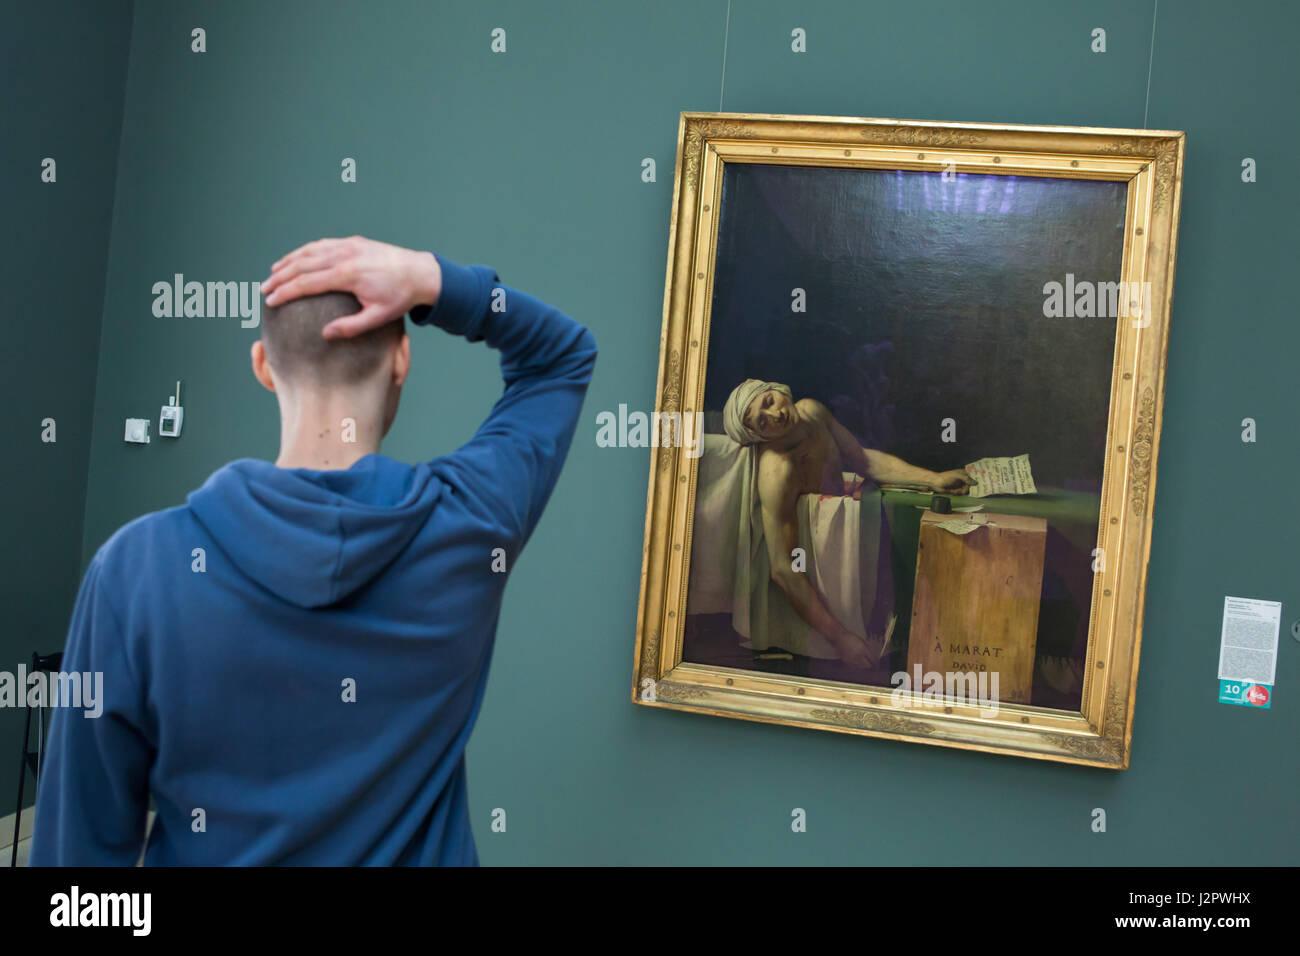 Jean Louis David Photos Jean Louis David Images Alamy